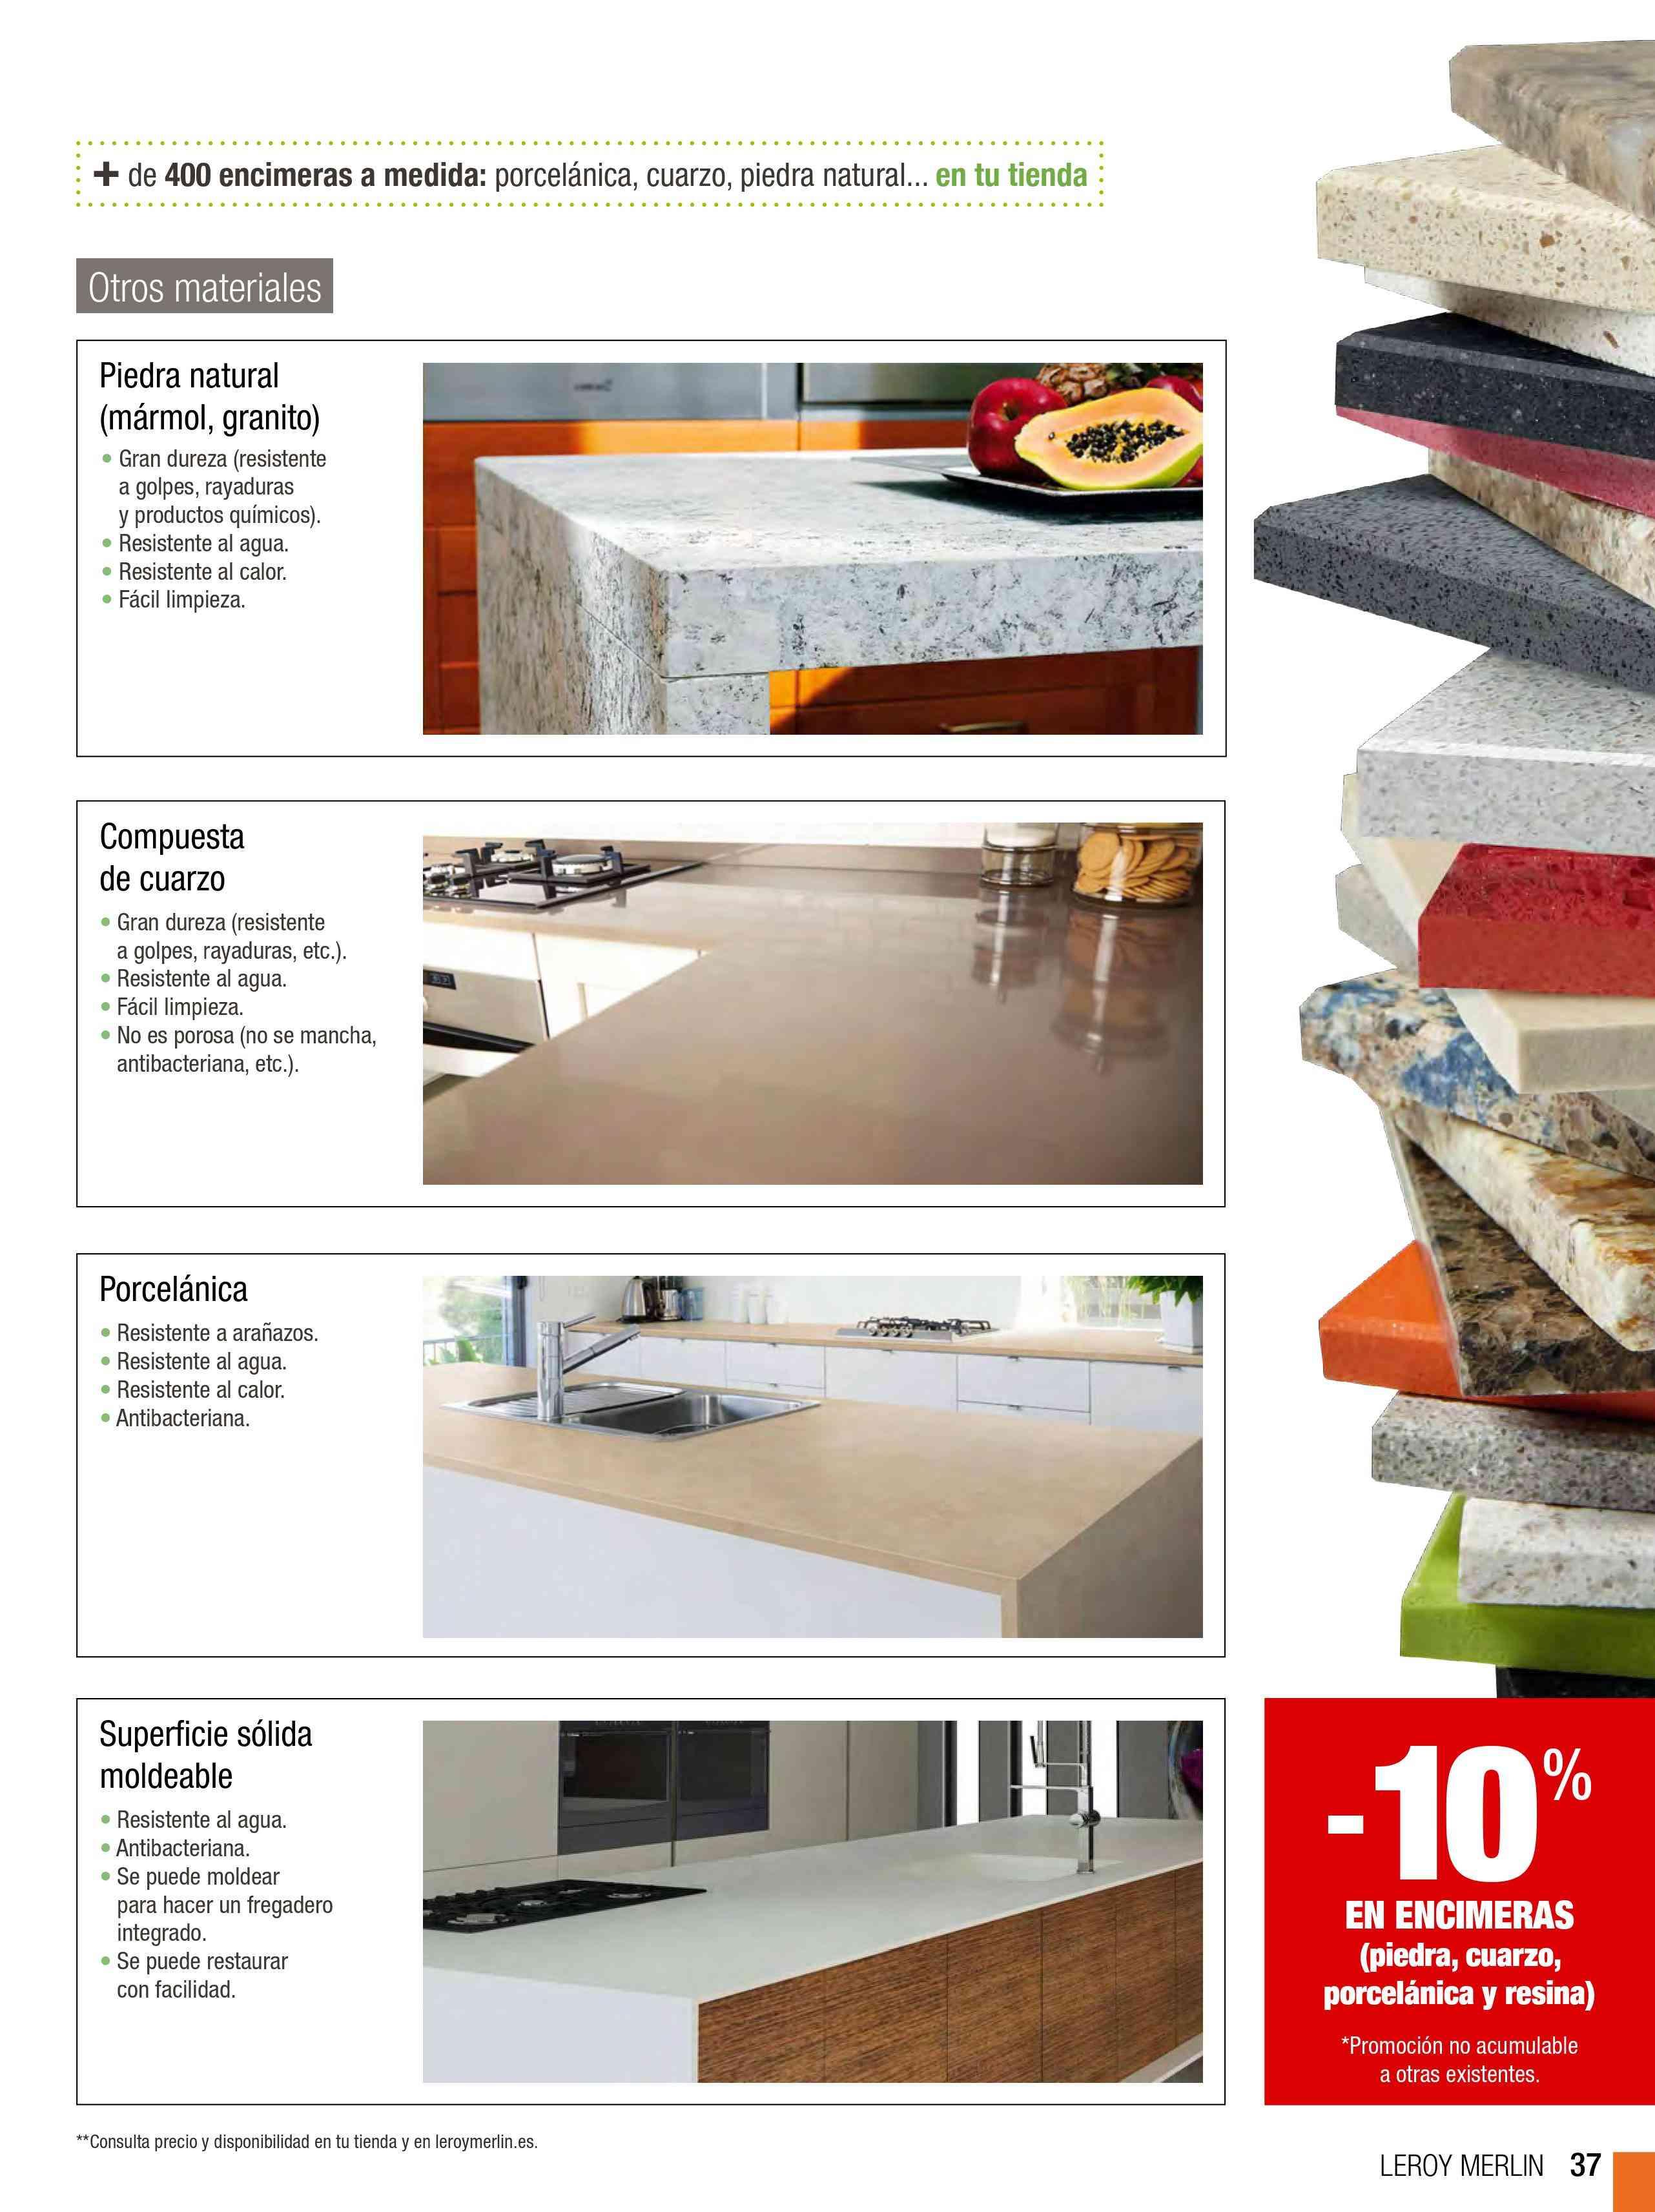 Productos De Leroy Merlin Productos De Leroy Merlin With  ~ Leroy Merlin Cajas Organizadoras